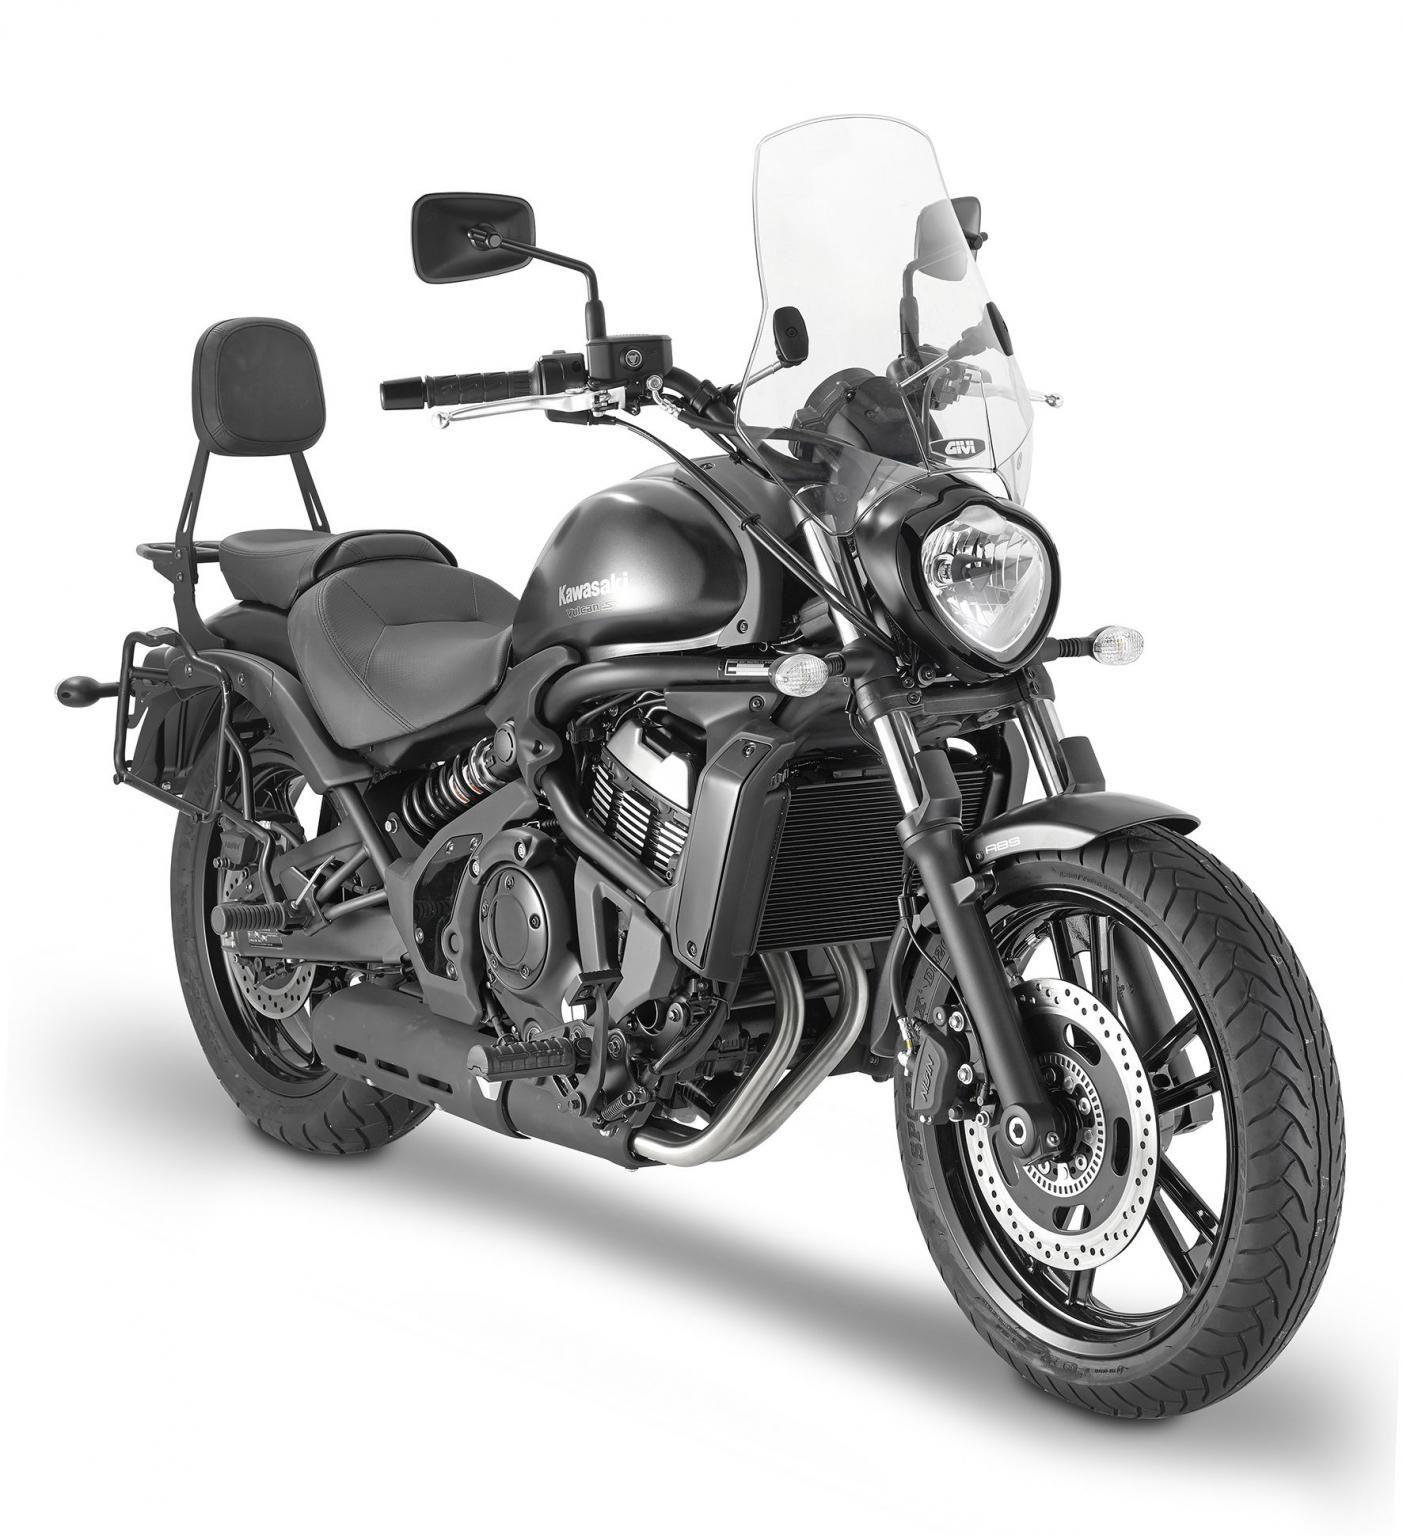 Neue Ausstattung Für Die Kawasaki Vulcan S 650 Givi Bietet